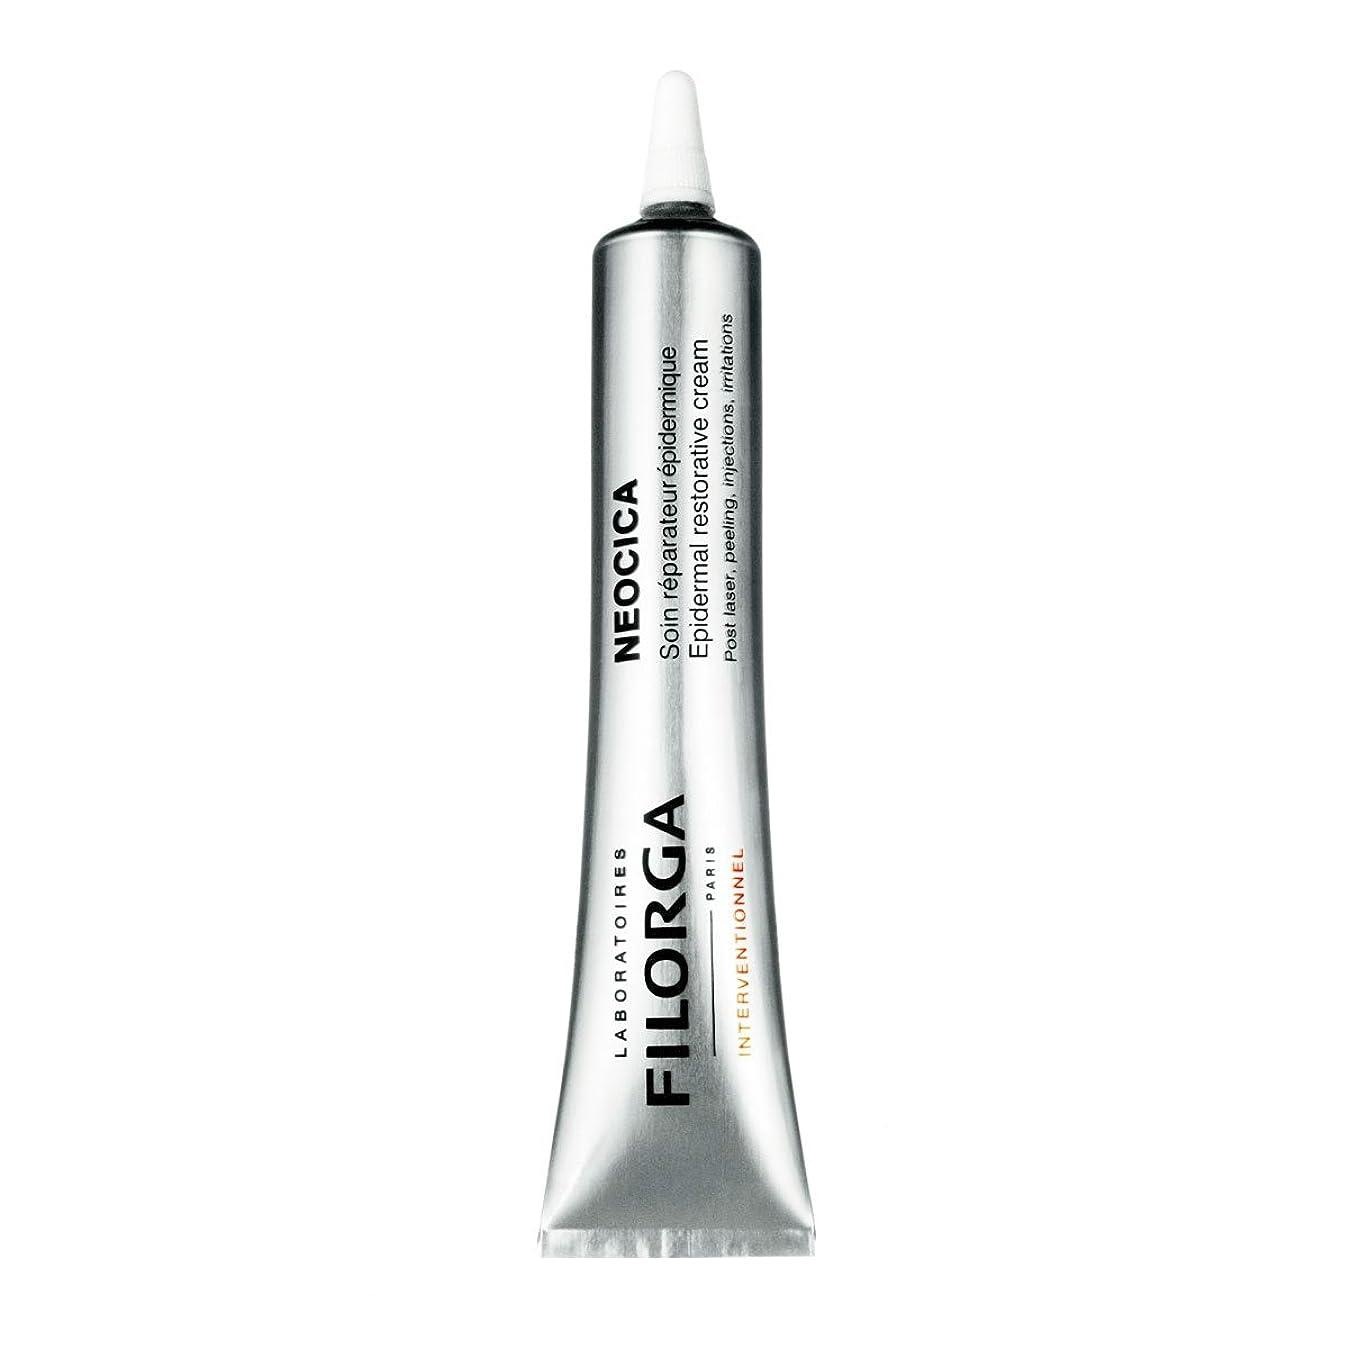 高層ビルビジター混乱Filorga Neocica Skin Repair 40ml [並行輸入品]